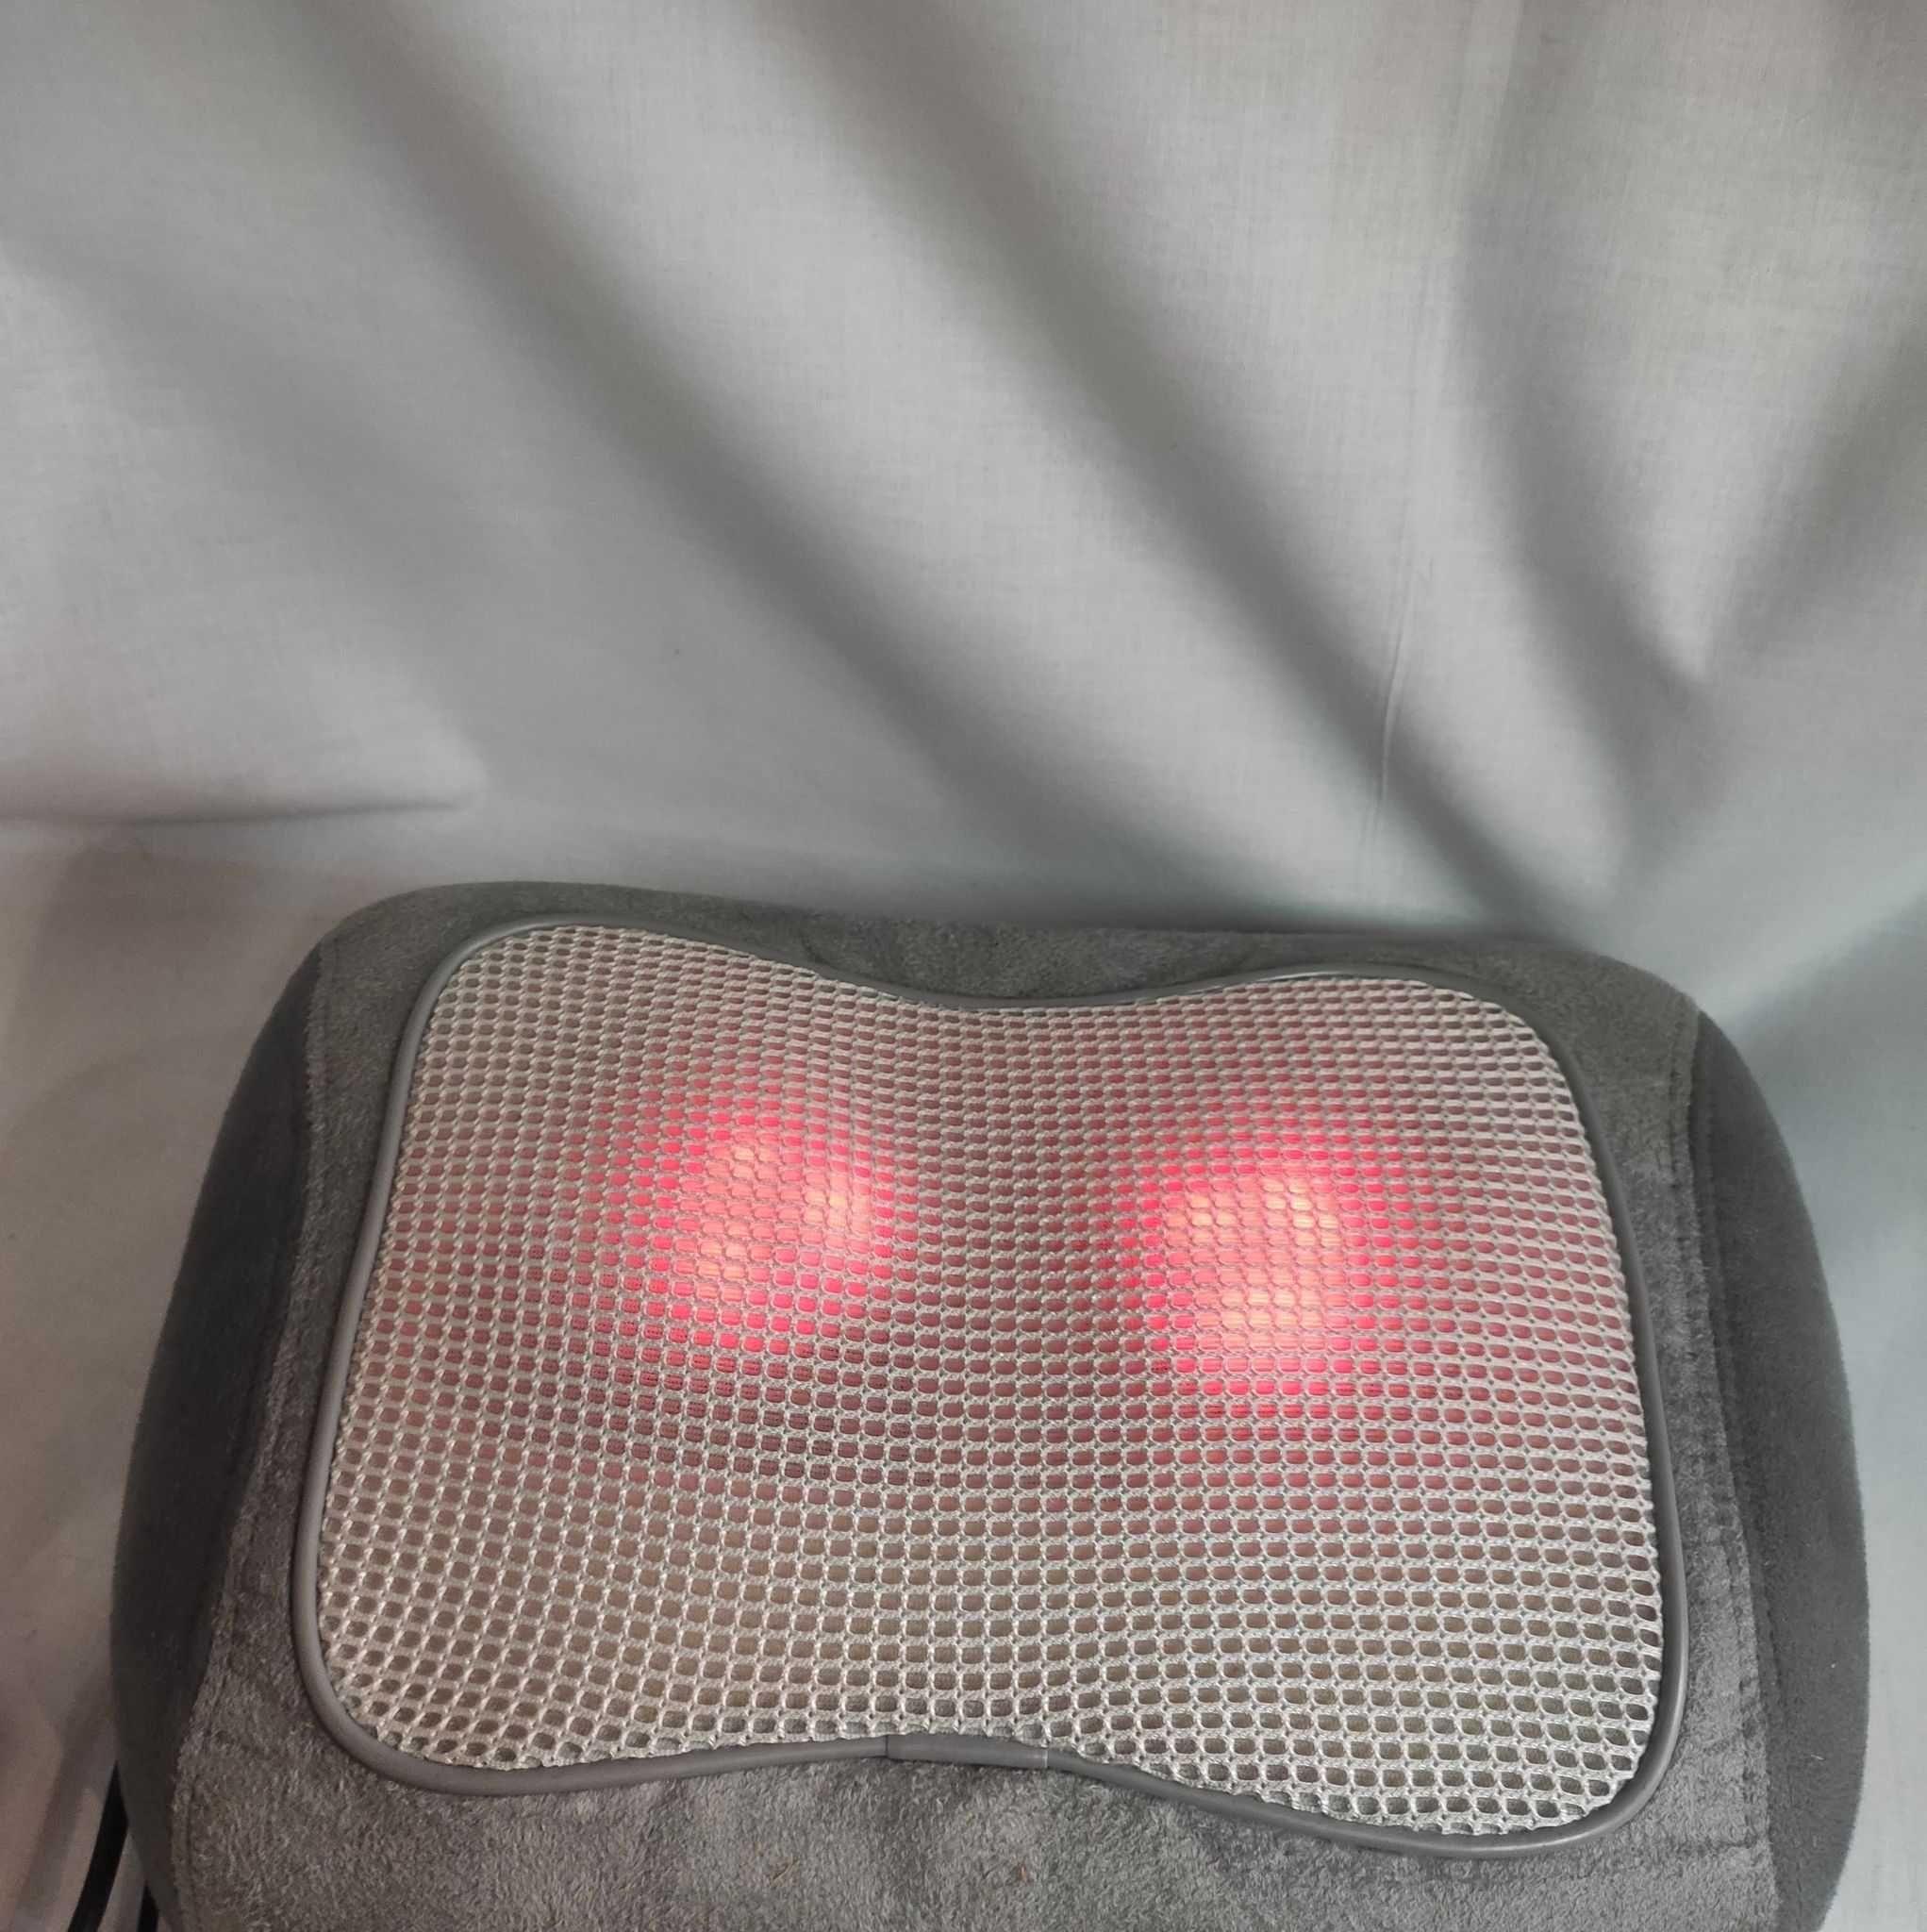 masażer -poduszka masująca  curamed shiatsu SM-1, lombard madej sc